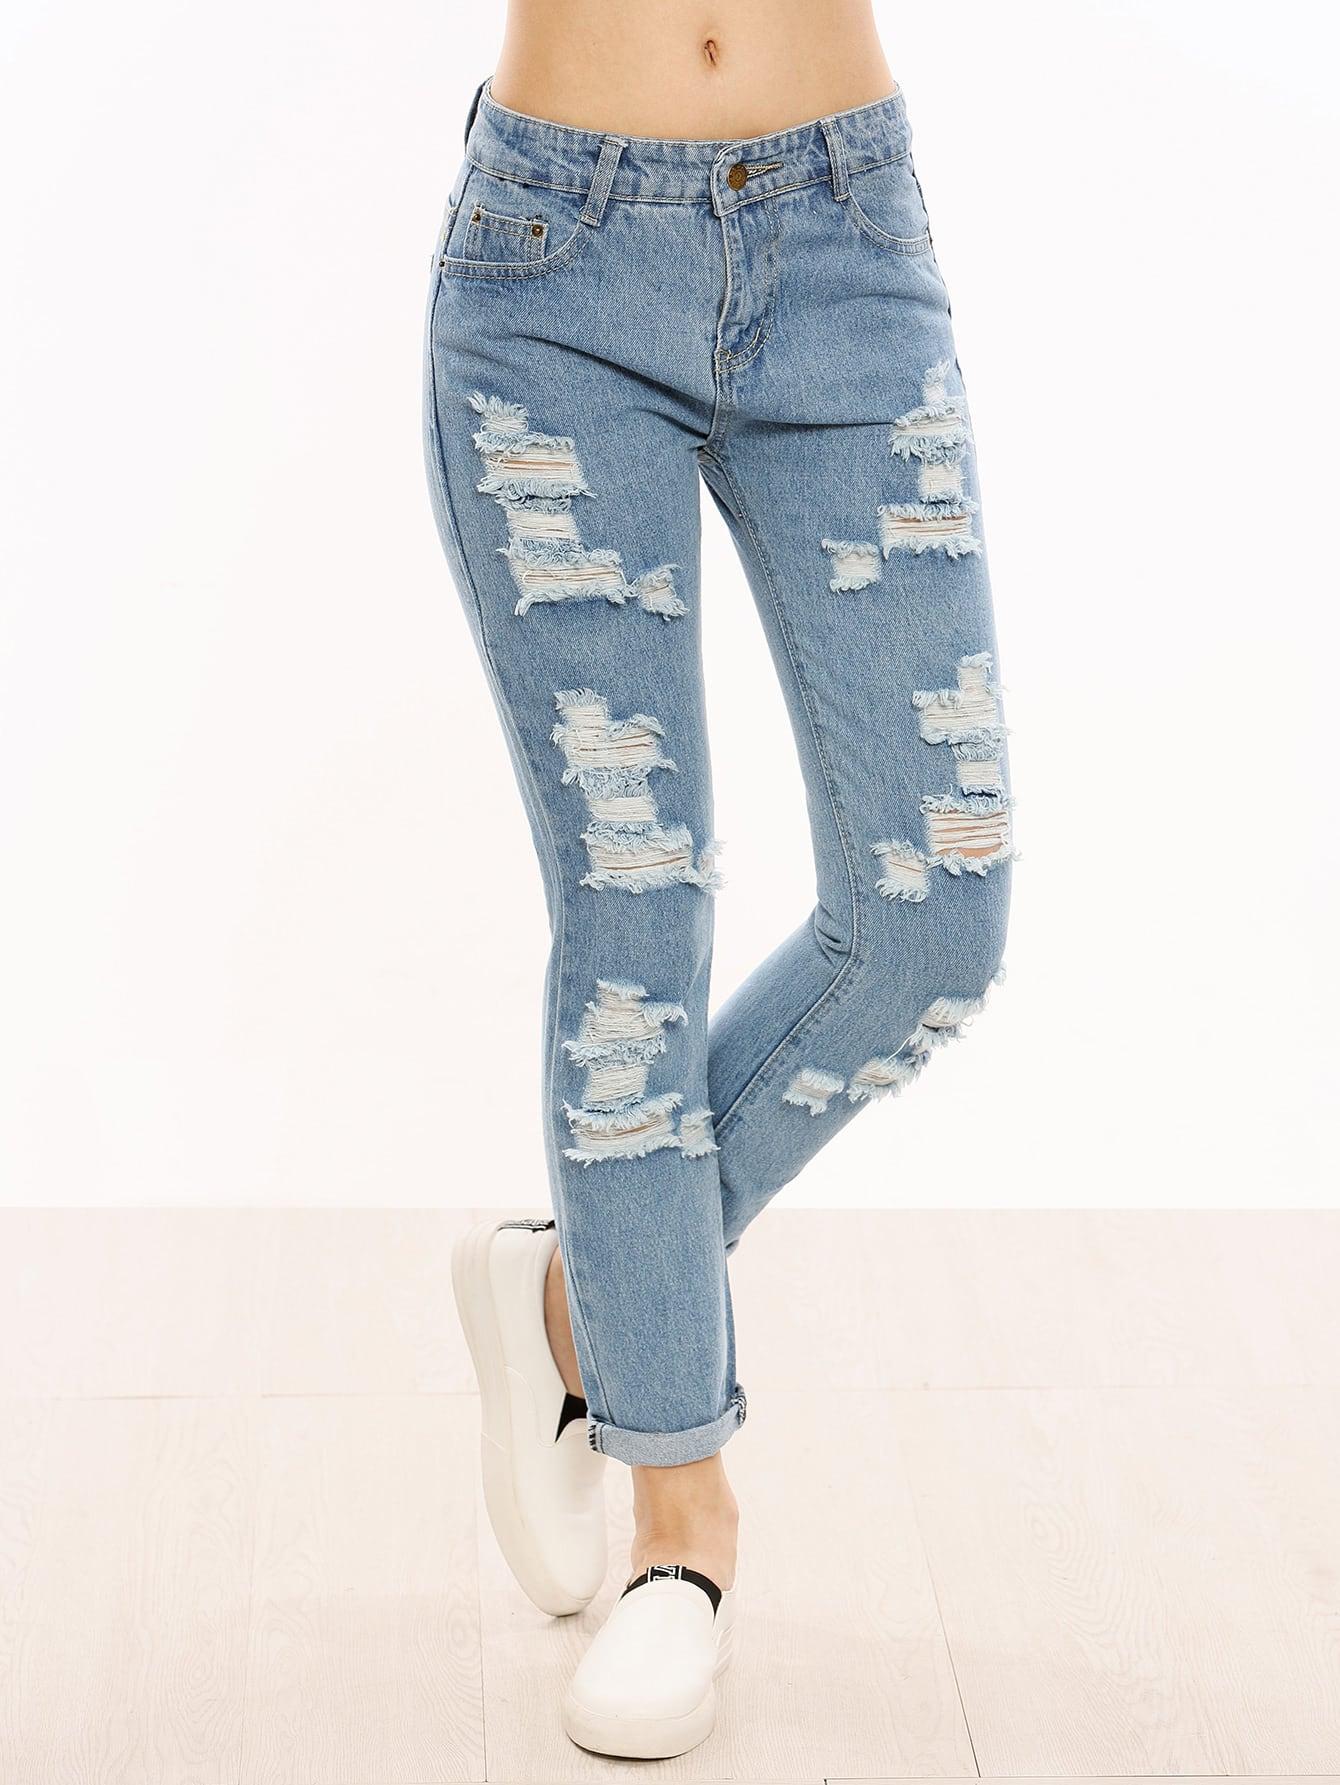 pants160802003_2